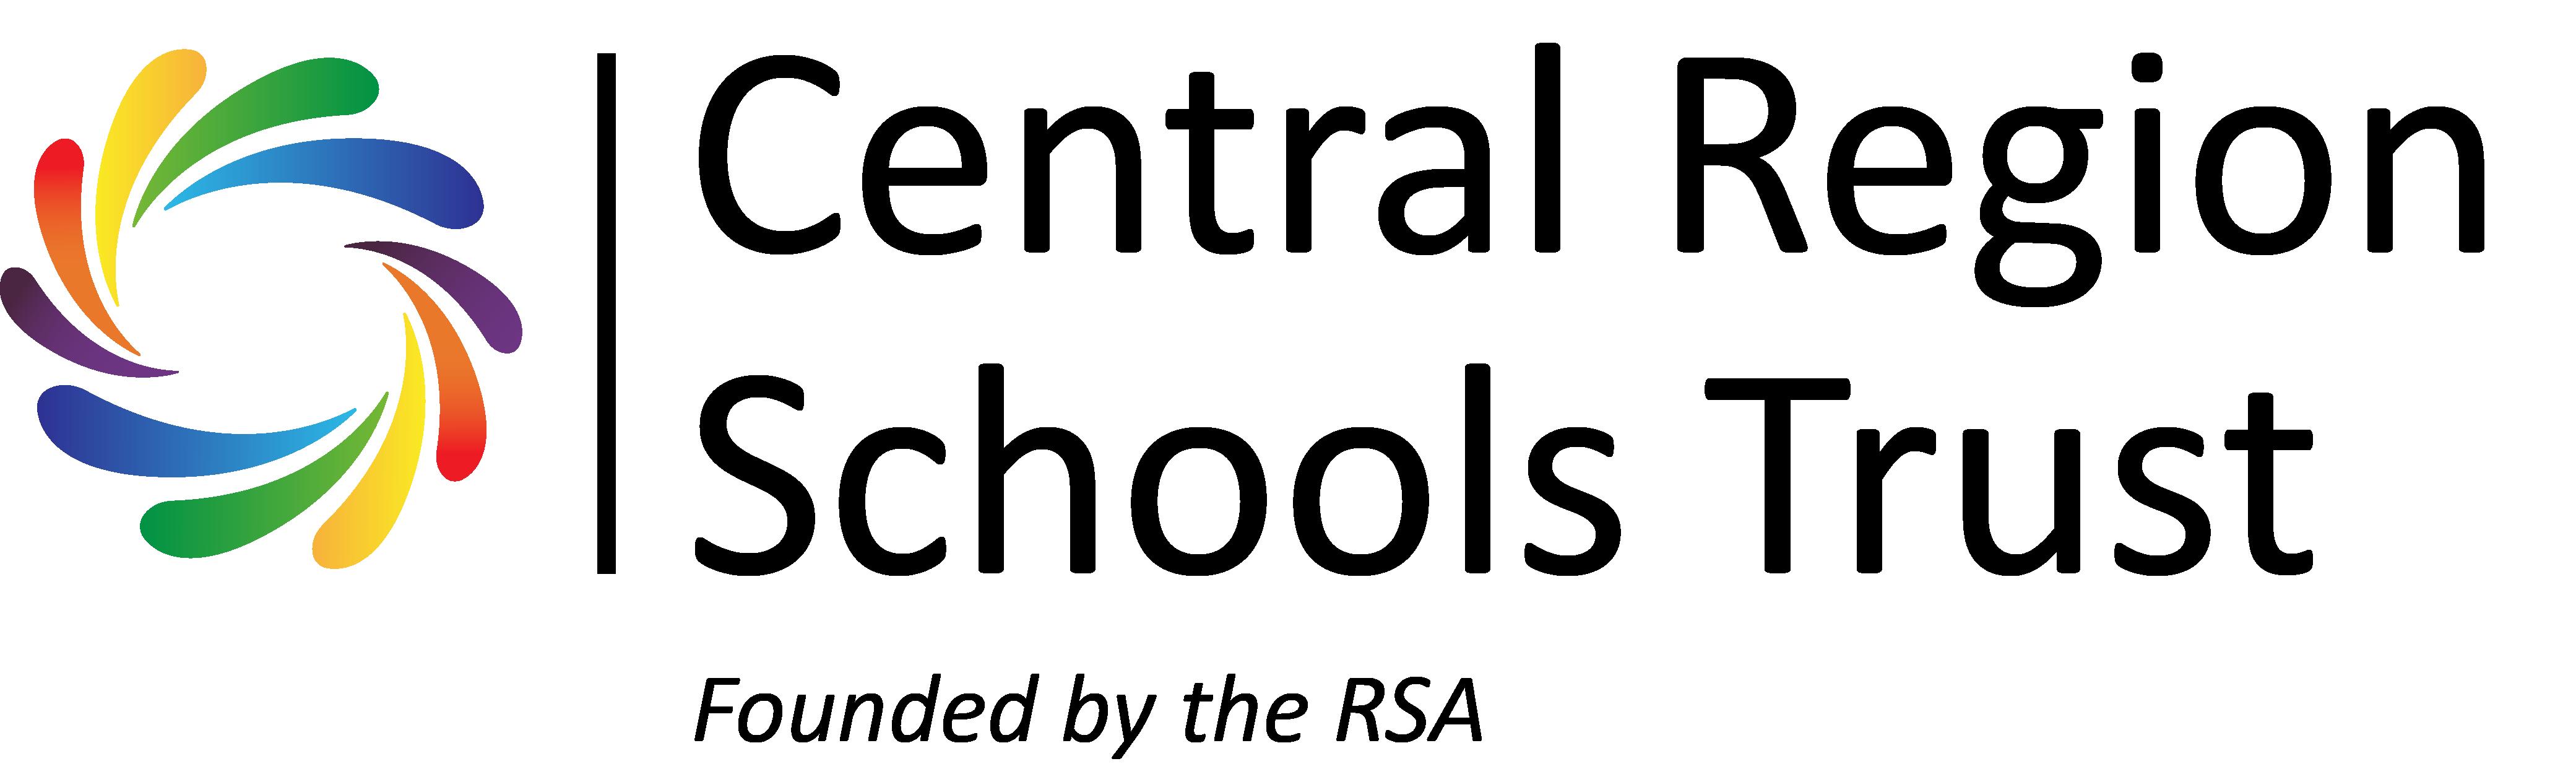 Central Region Schools Trust logo